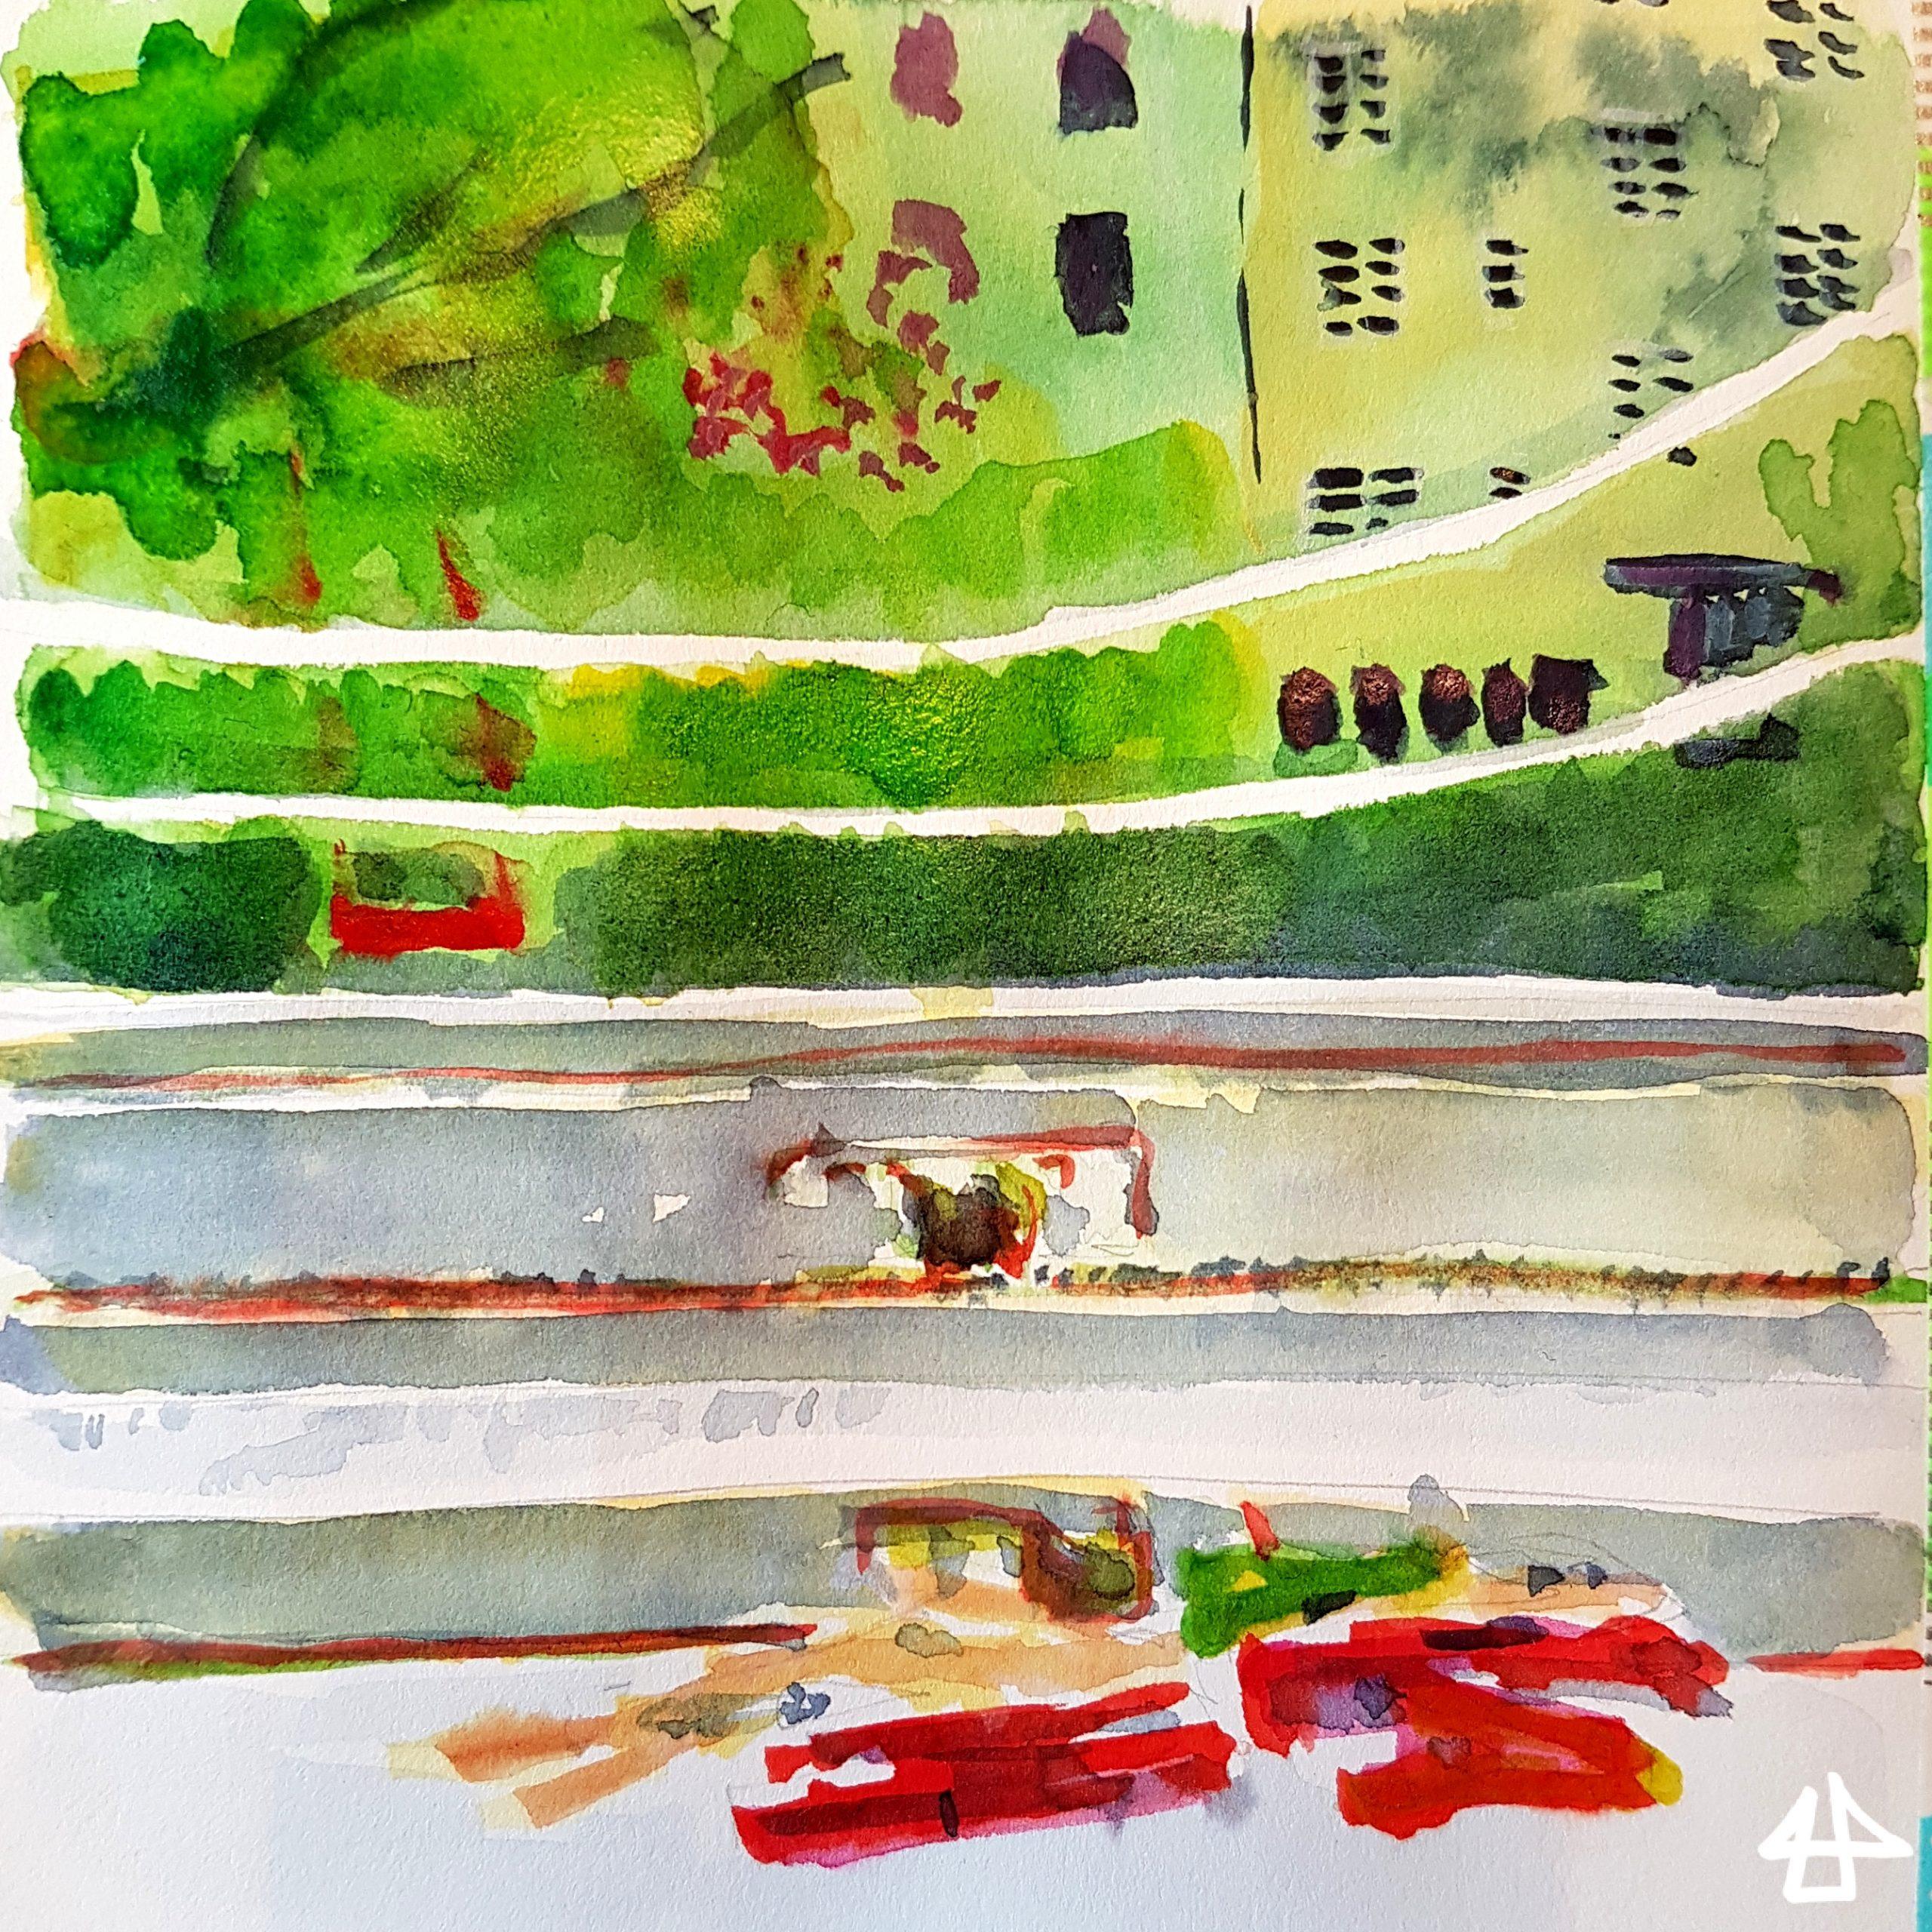 Zeichnung mit Buntstiften und Aquarell. Bunten Wäscheklammern liegen auf einem Fensterbrett, der Blick fällt in den Hof und zu den gegenüberliegenden Häusern.